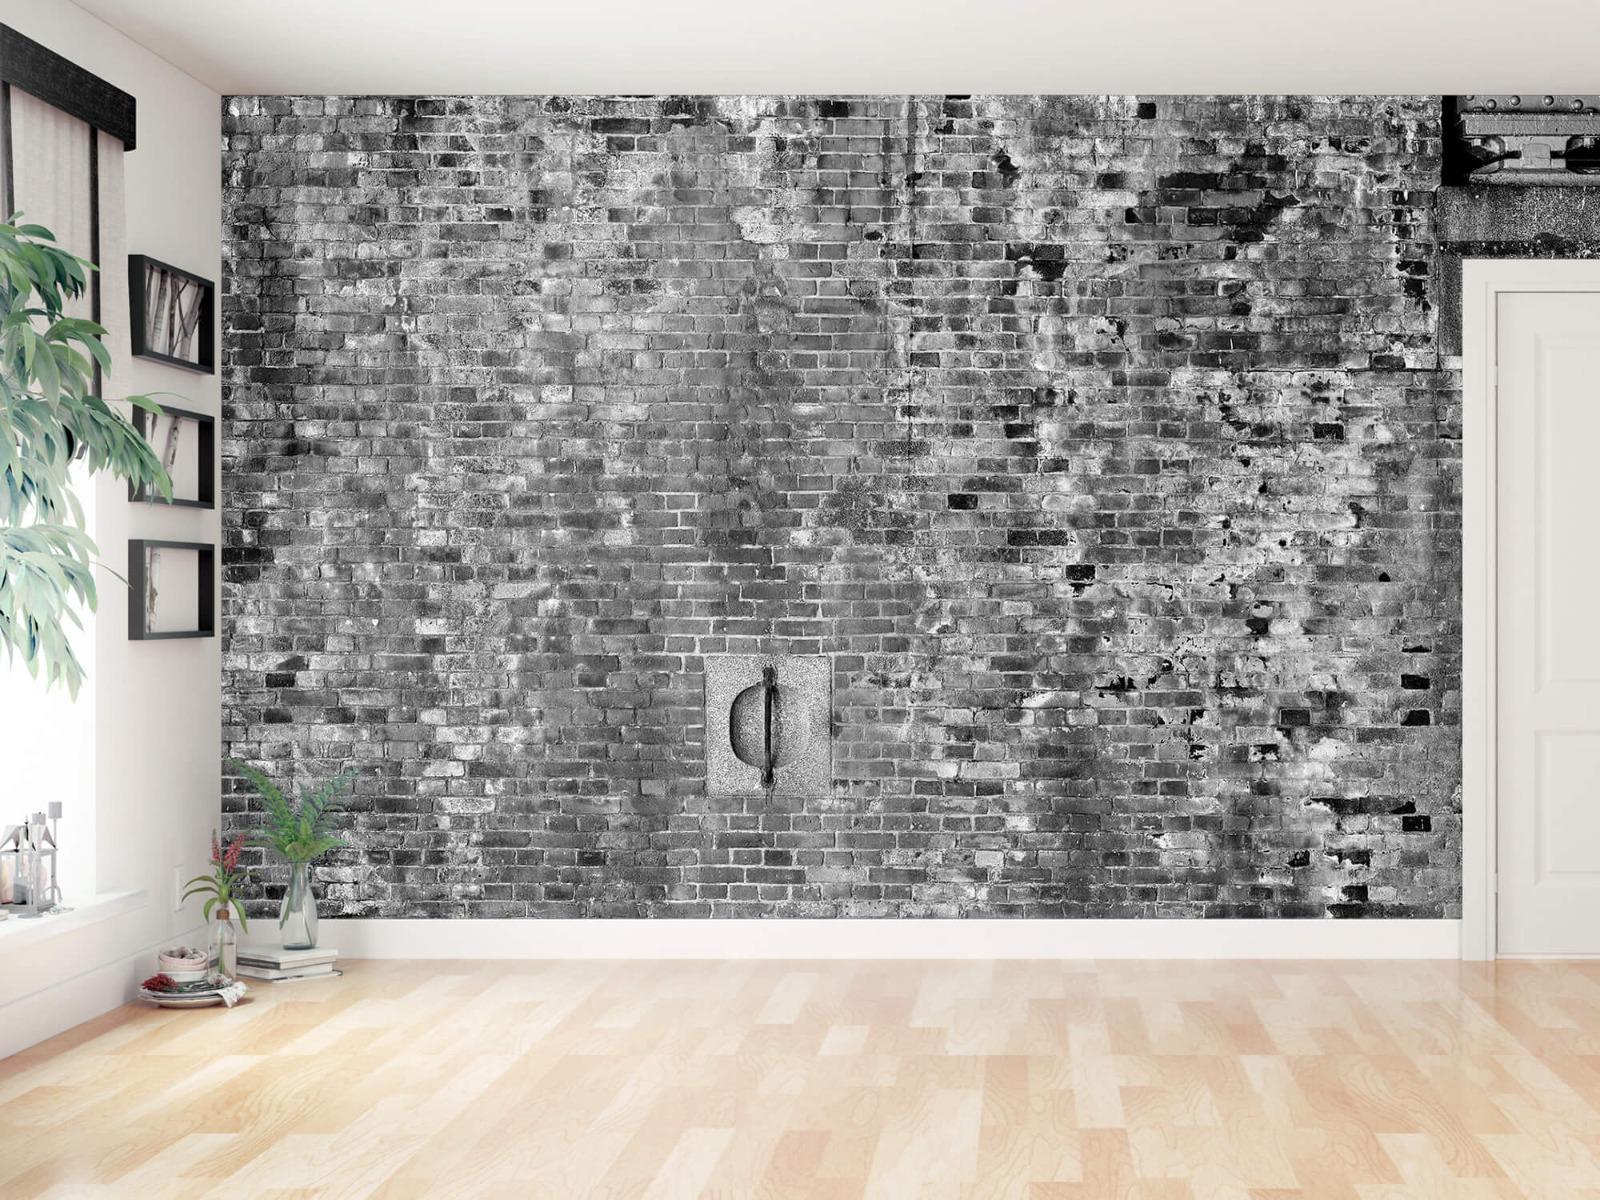 Steen behang - Verweerde muur - Tienerkamer 14